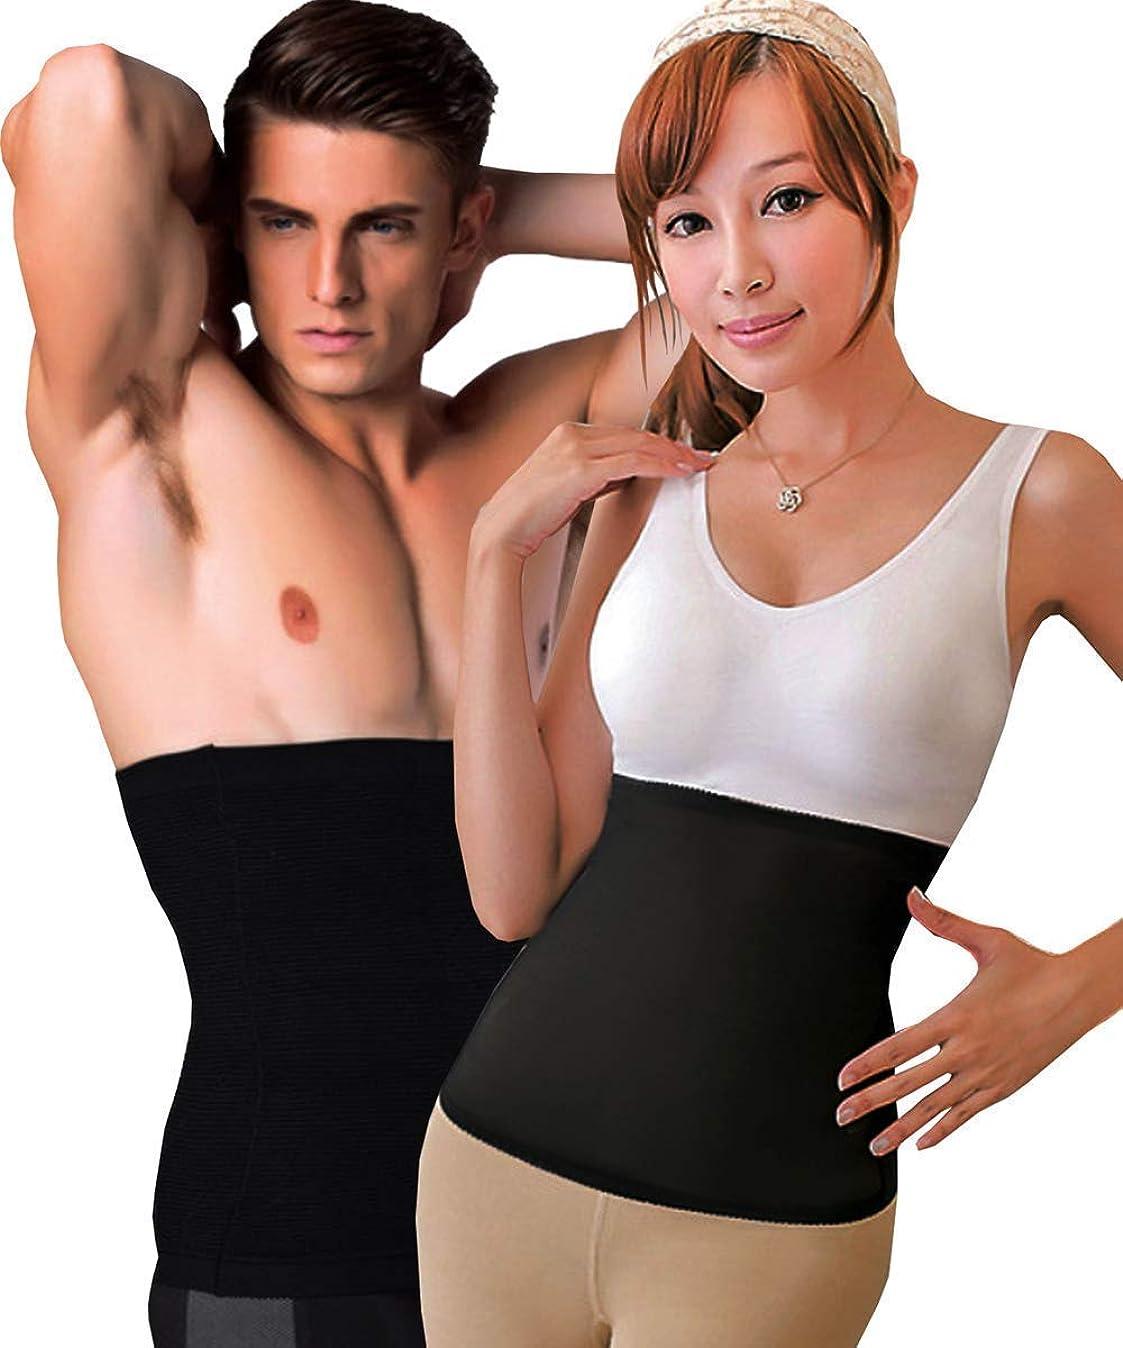 きつく注入する低下シェイプアップベルト ダイエットベルト 薄手 kimurea select 発汗 加圧 腹筋ベルト